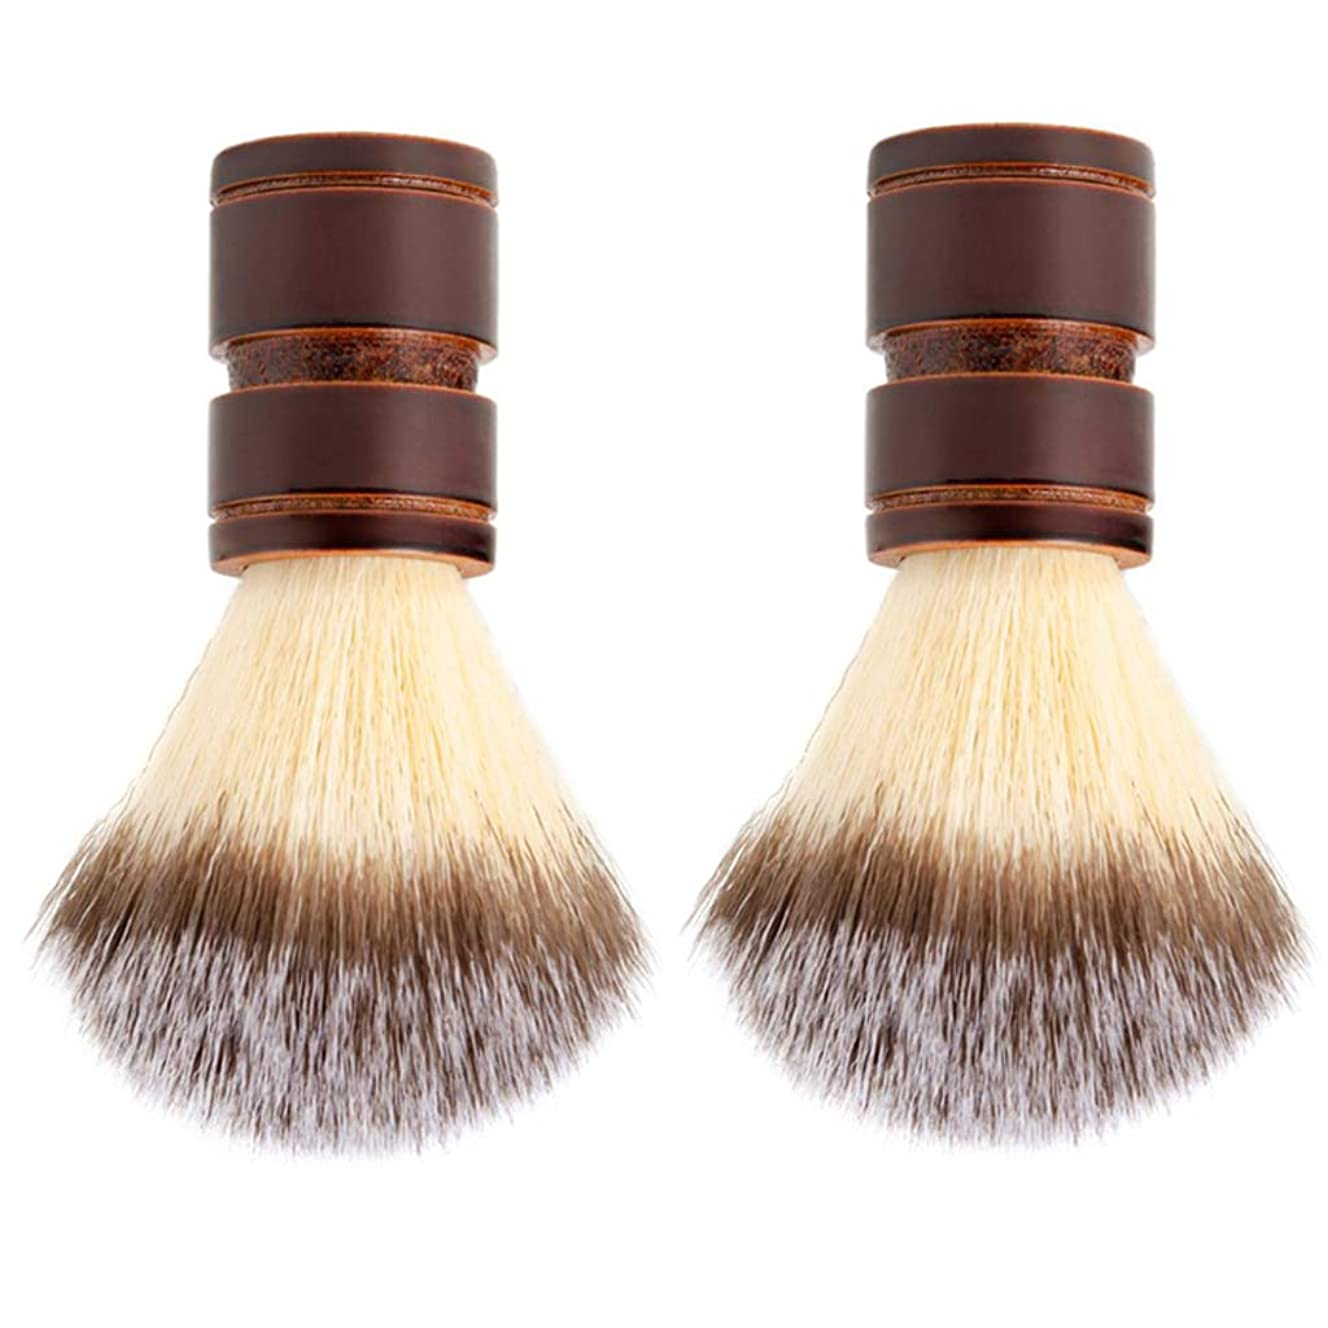 知らせる上陸書誌dailymall 木のハンドルが付いている2xナイロン毛の剃るブラシ個人的な専門の剃る